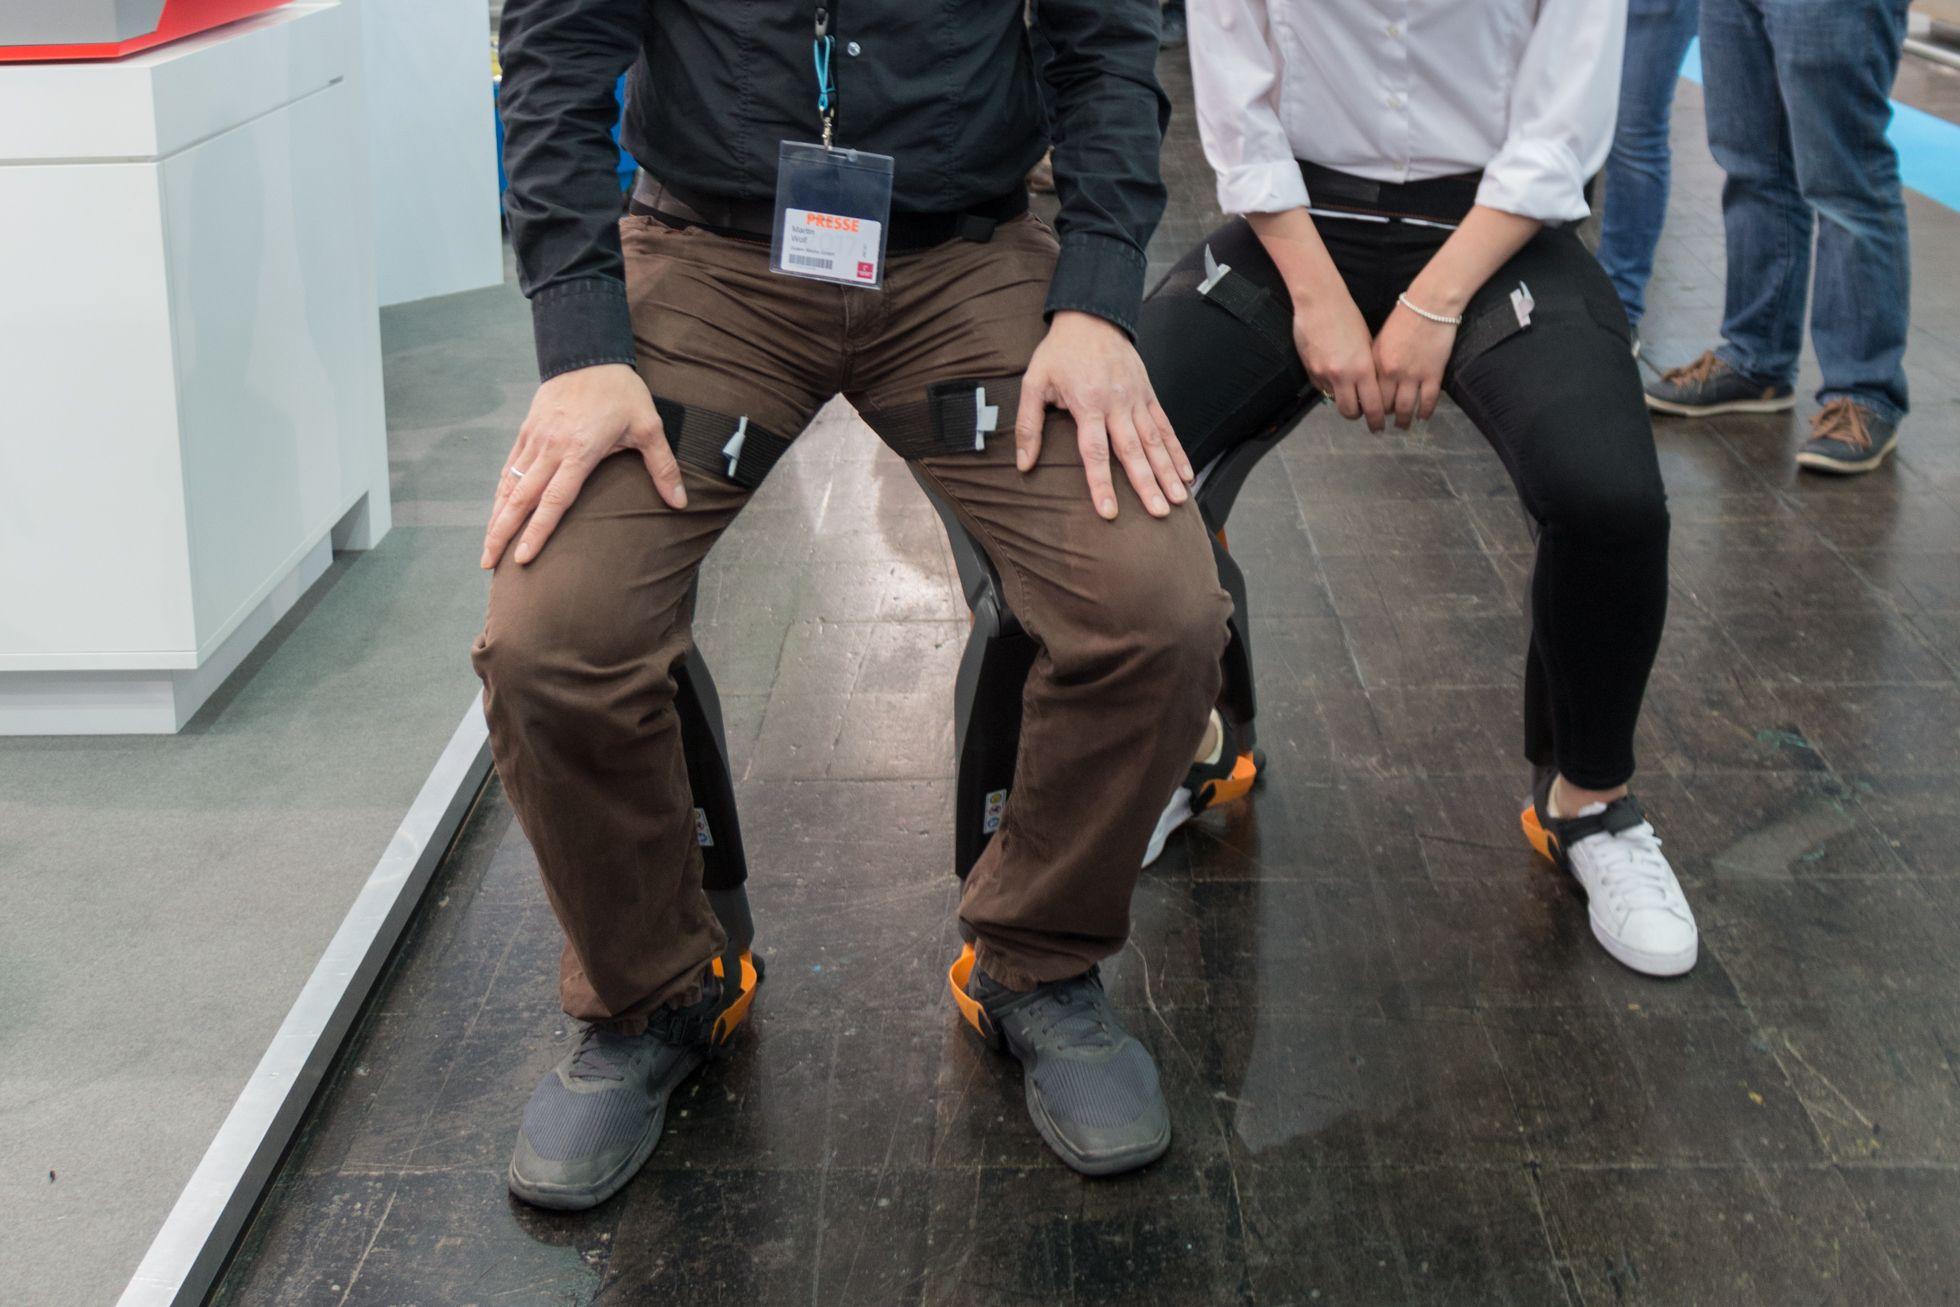 Ottobock: Wie ein Exoskelett die Arbeit erleichtert - Sitz-Exoskelett: Der Chairless Chair des Schweizer Unternehmens Nonnee (Bild: Werner Pluta/Golem.de)